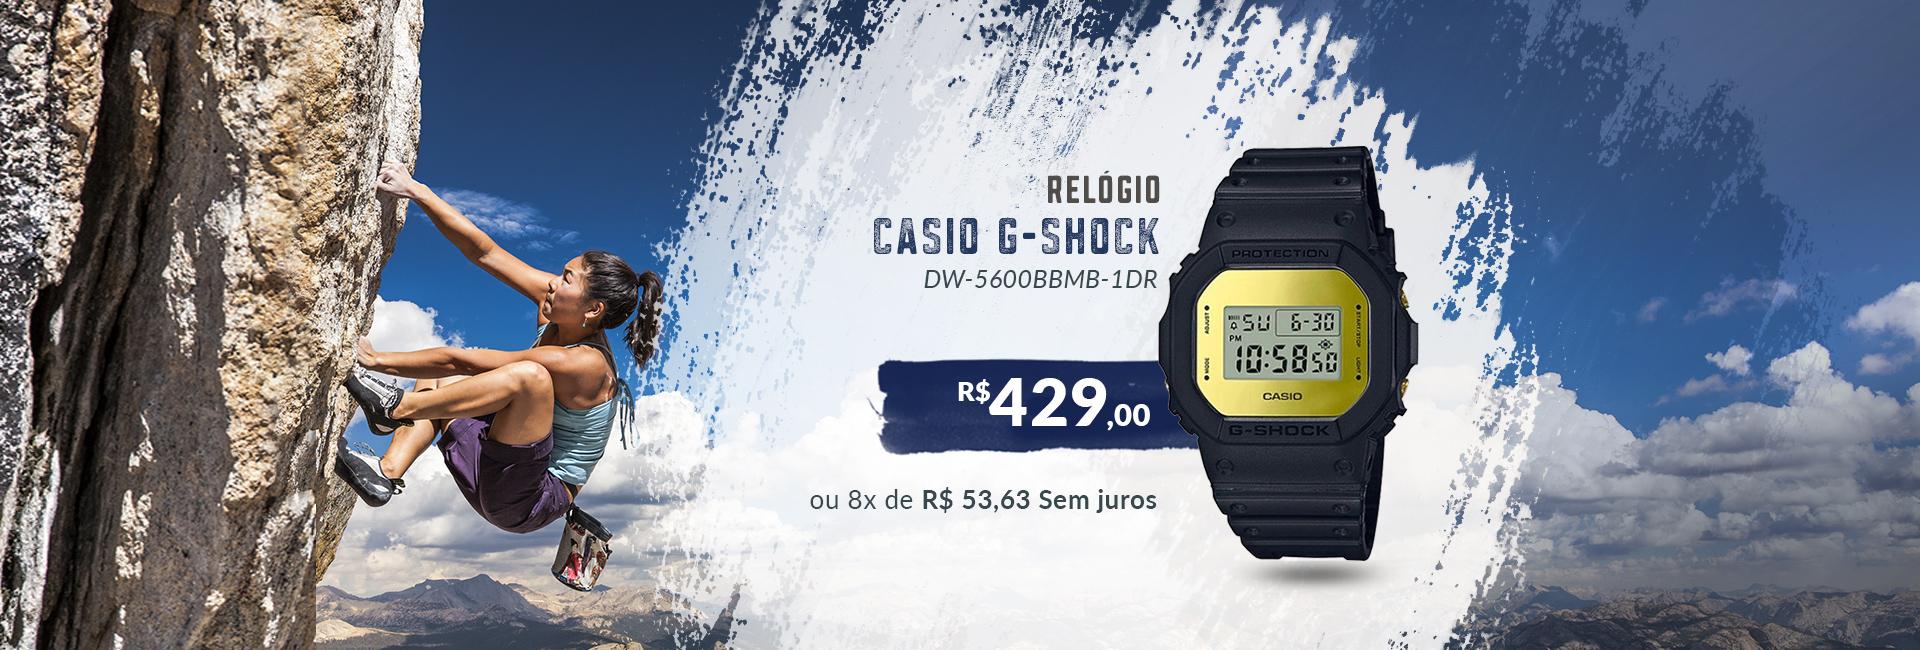 Casio G-Shock Dourado